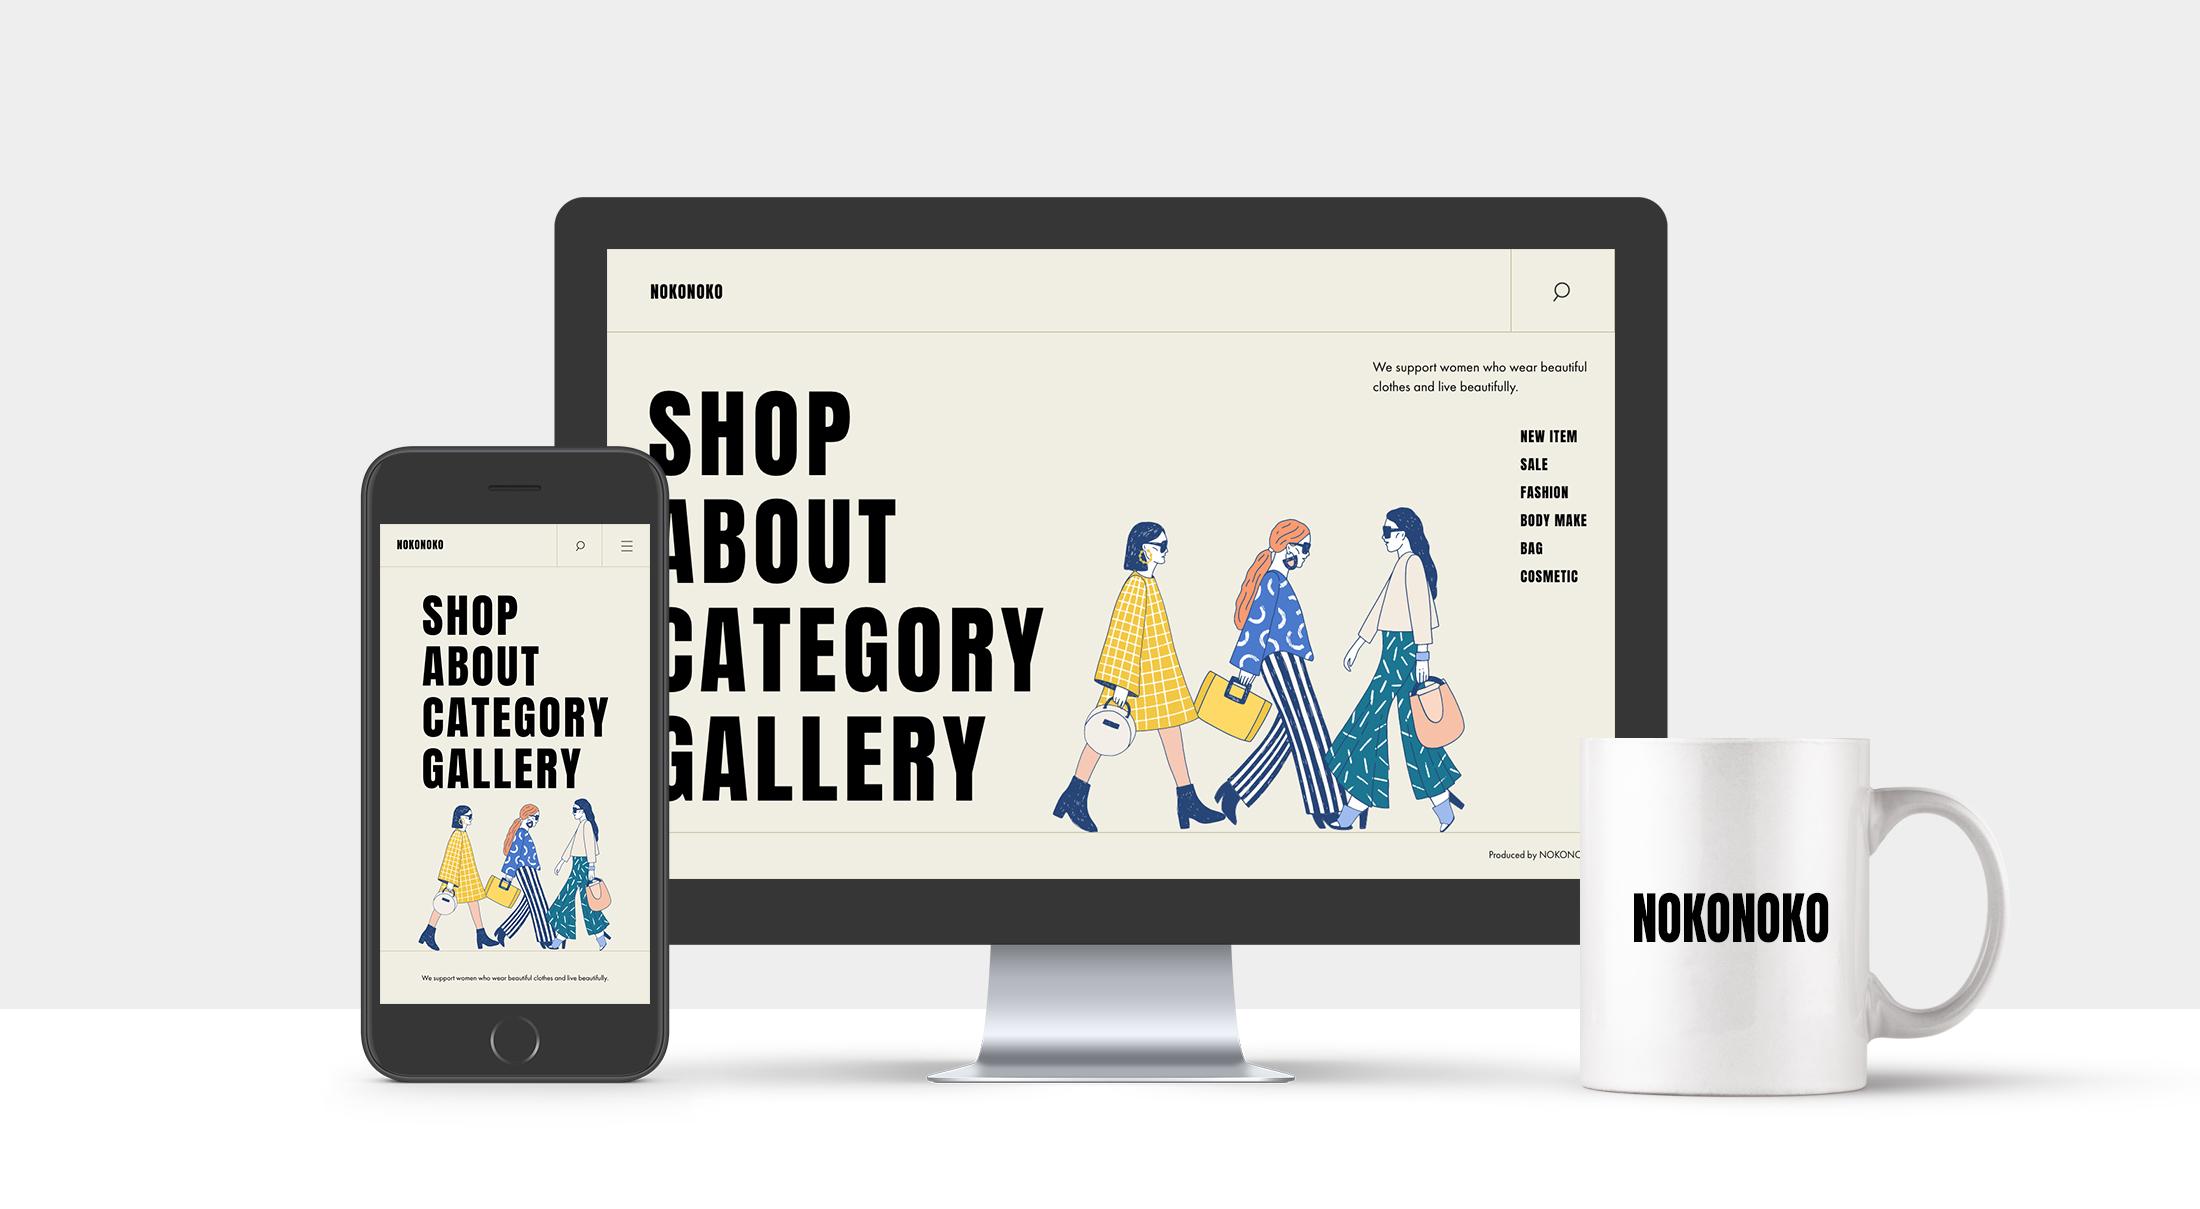 グラフィック・WEBデザイン